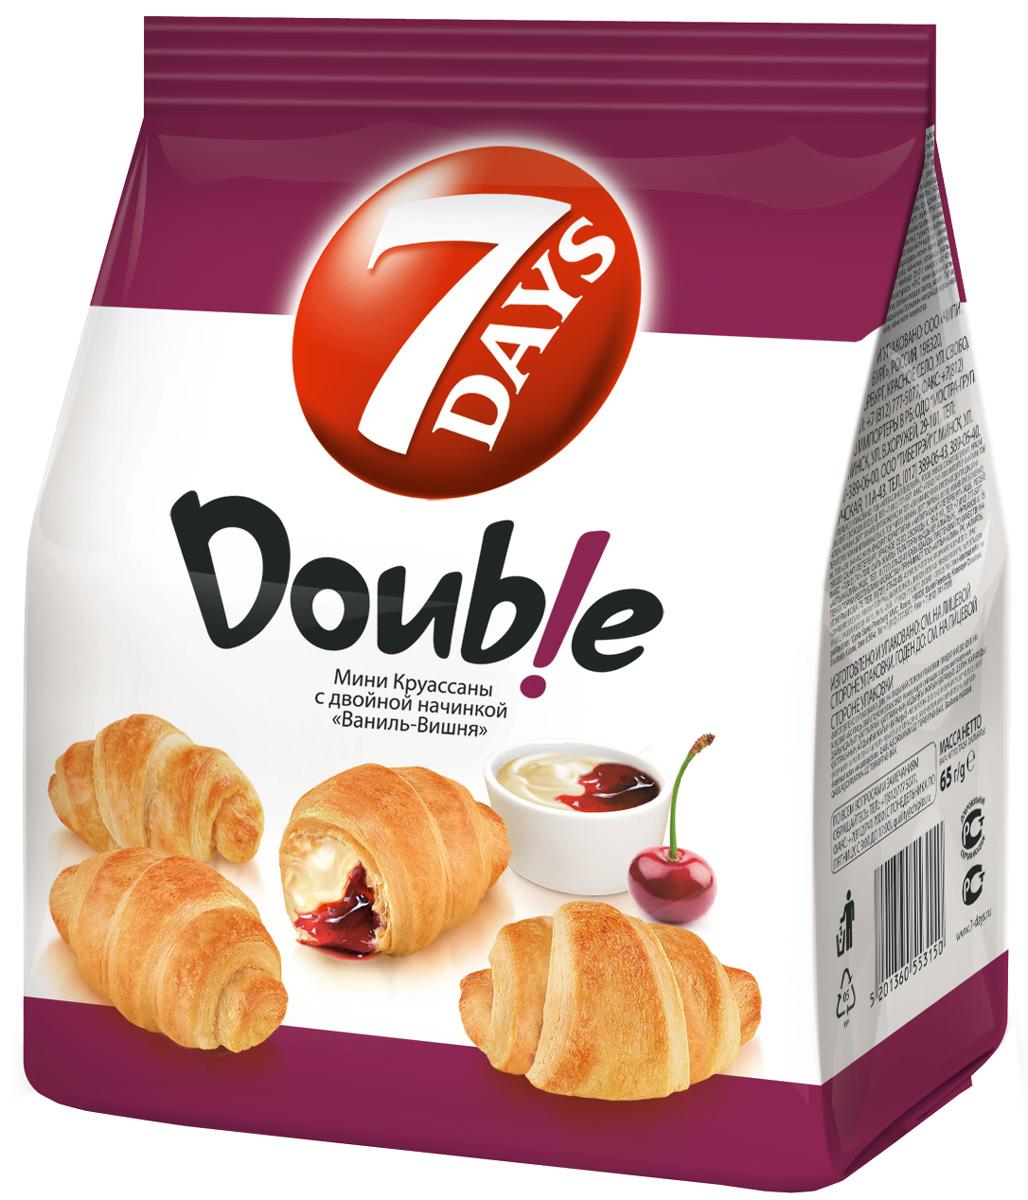 7DAYS Double! Мини-круассаны с двойной начинкой Ваниль-Вишня, 65 г